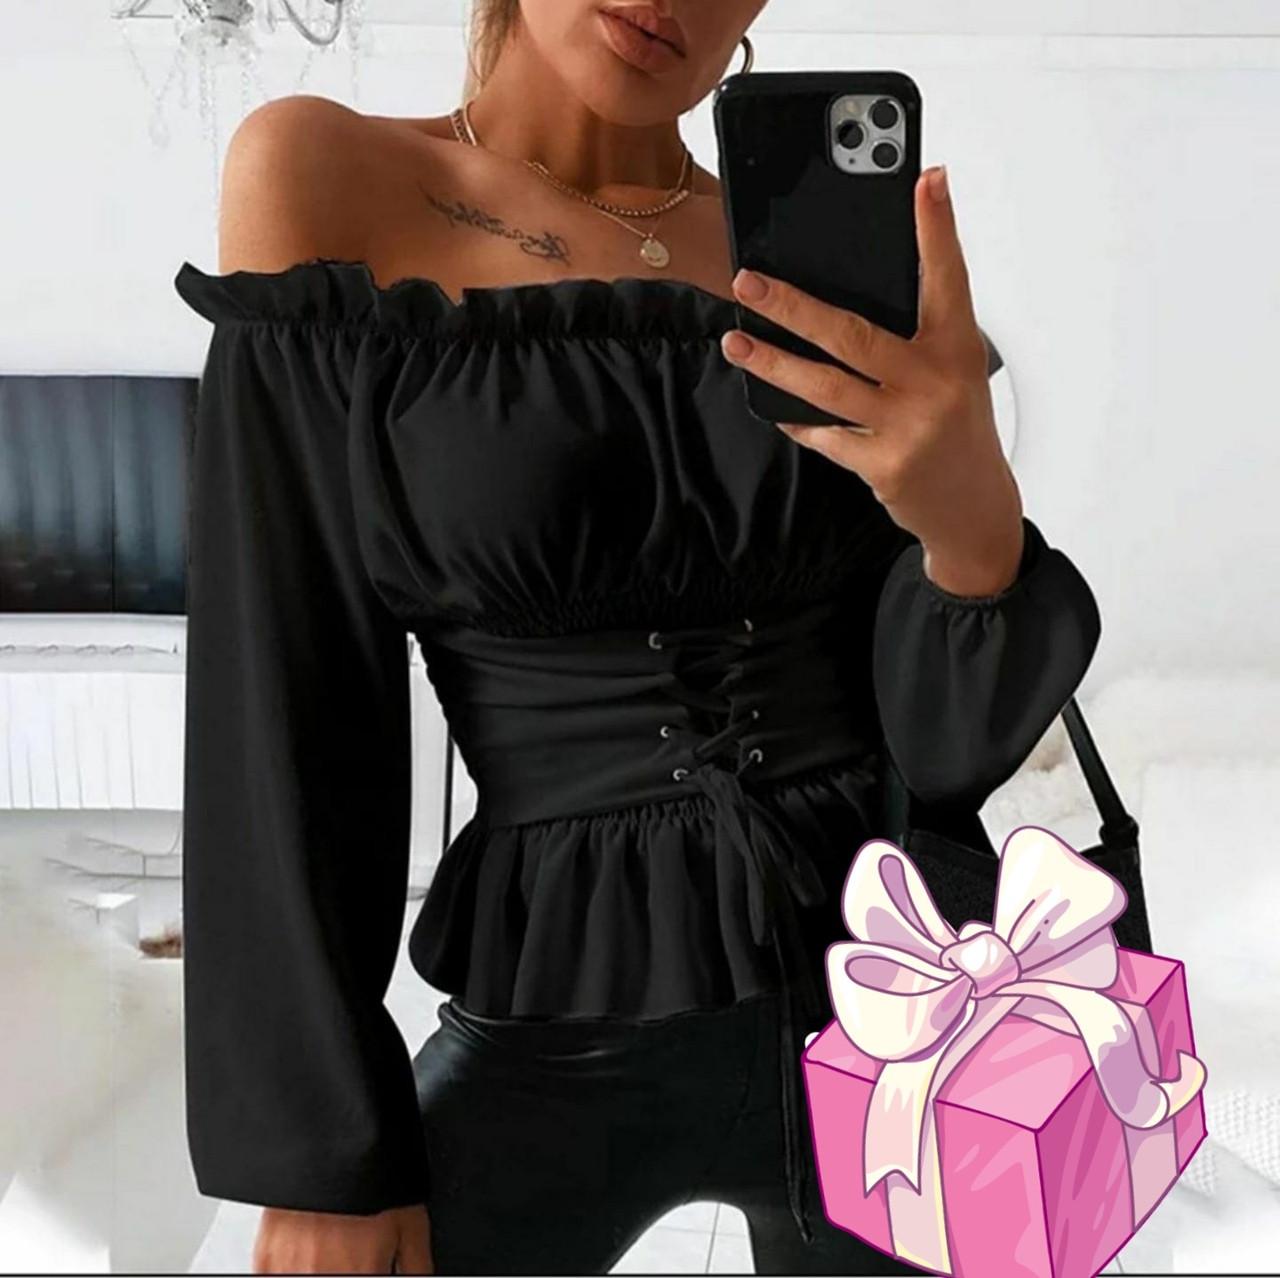 Нарядная    блузка  с открытыми  плечами  Цвет-пудра, чёрный,белый